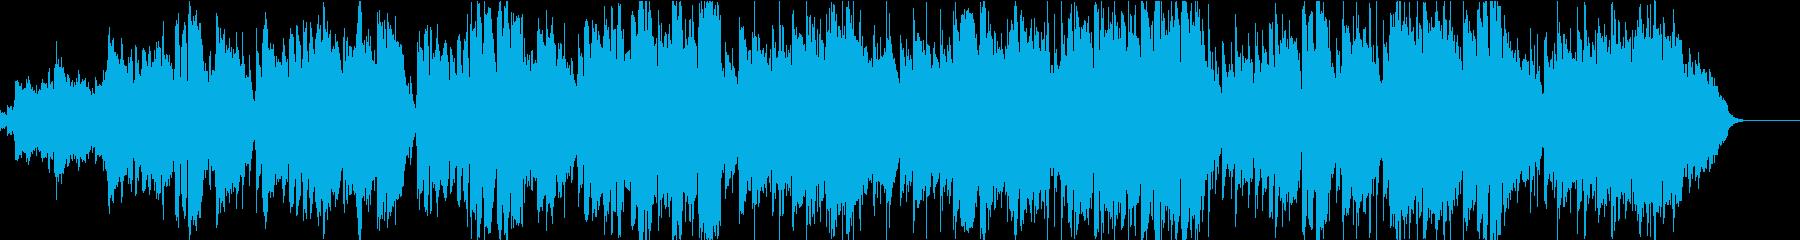 赤とんぼ(ケロケロボイス版)Aの再生済みの波形